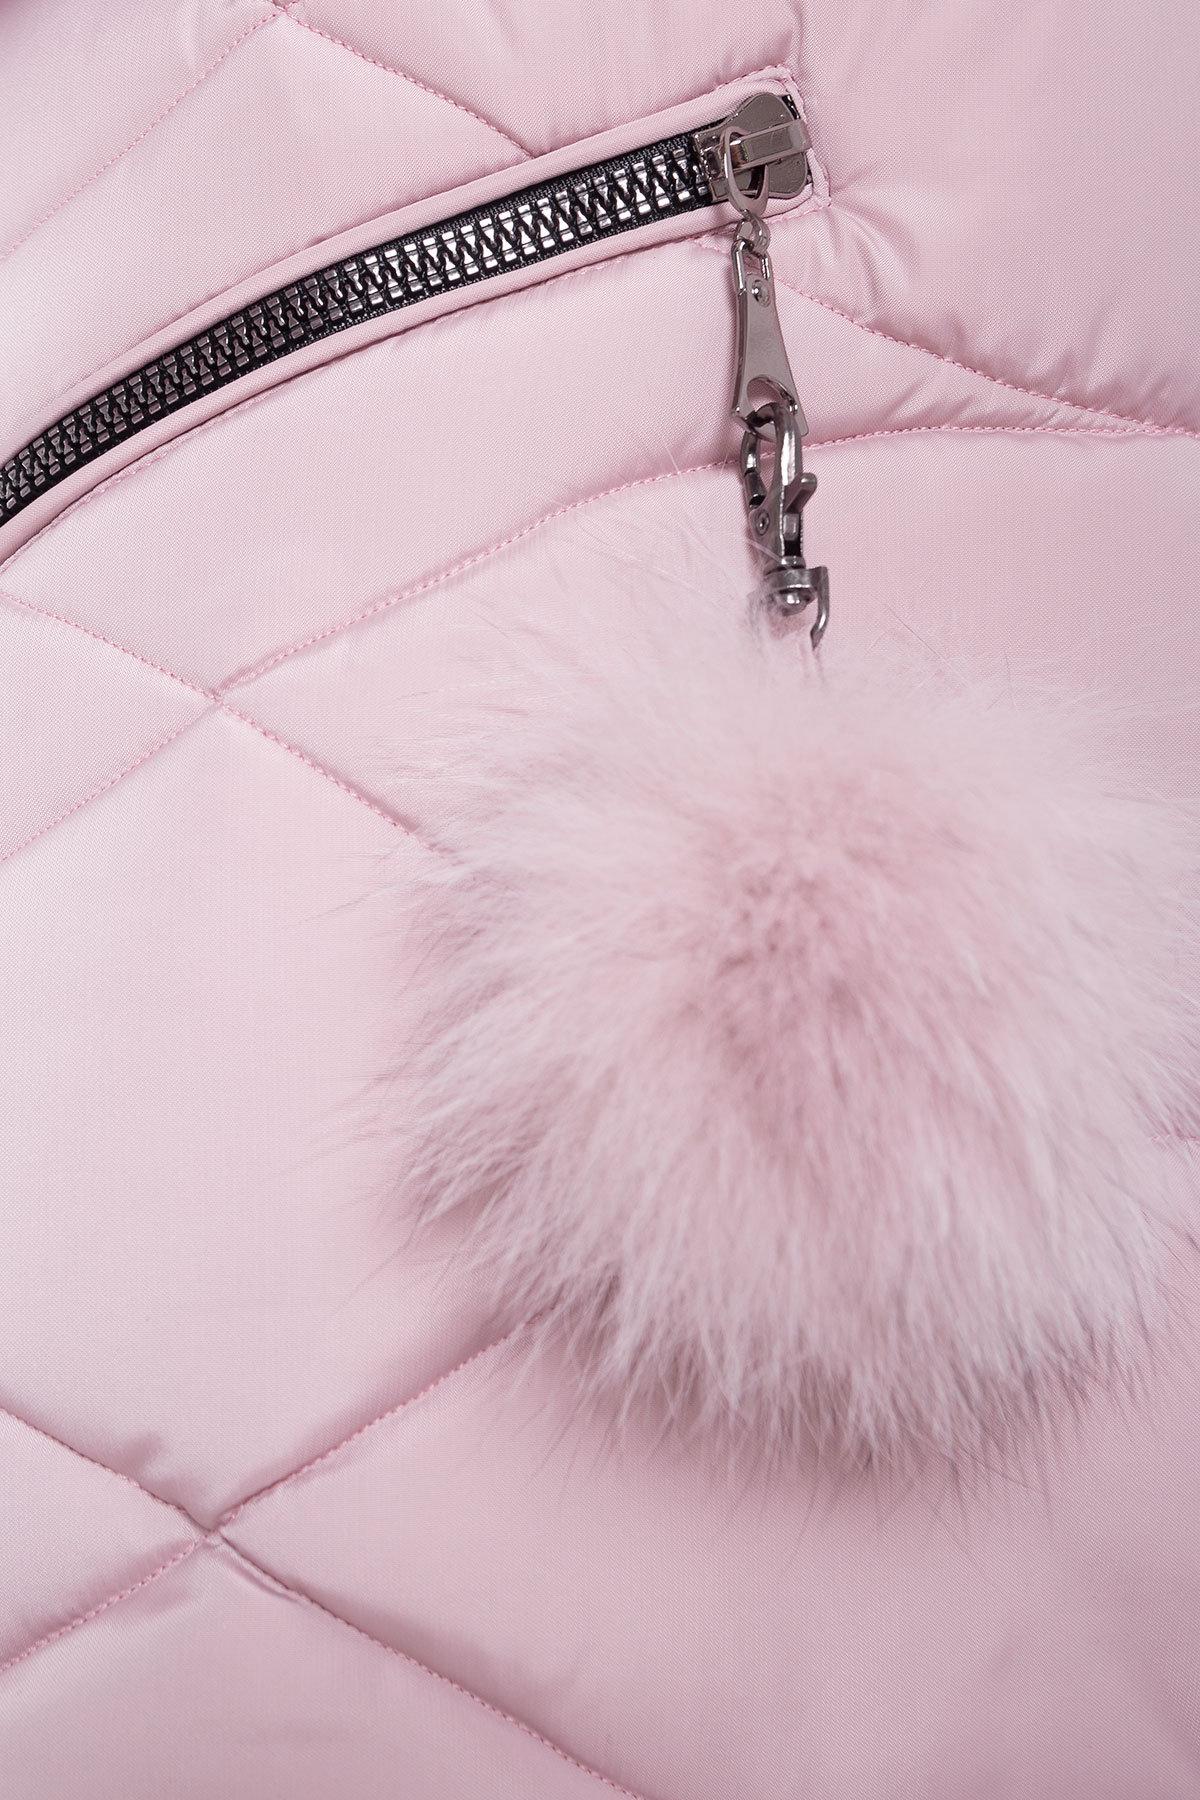 Пуховик с капюшоном Ингрид 3267 АРТ. 16793 Цвет: Серо-розовый - фото 4, интернет магазин tm-modus.ru